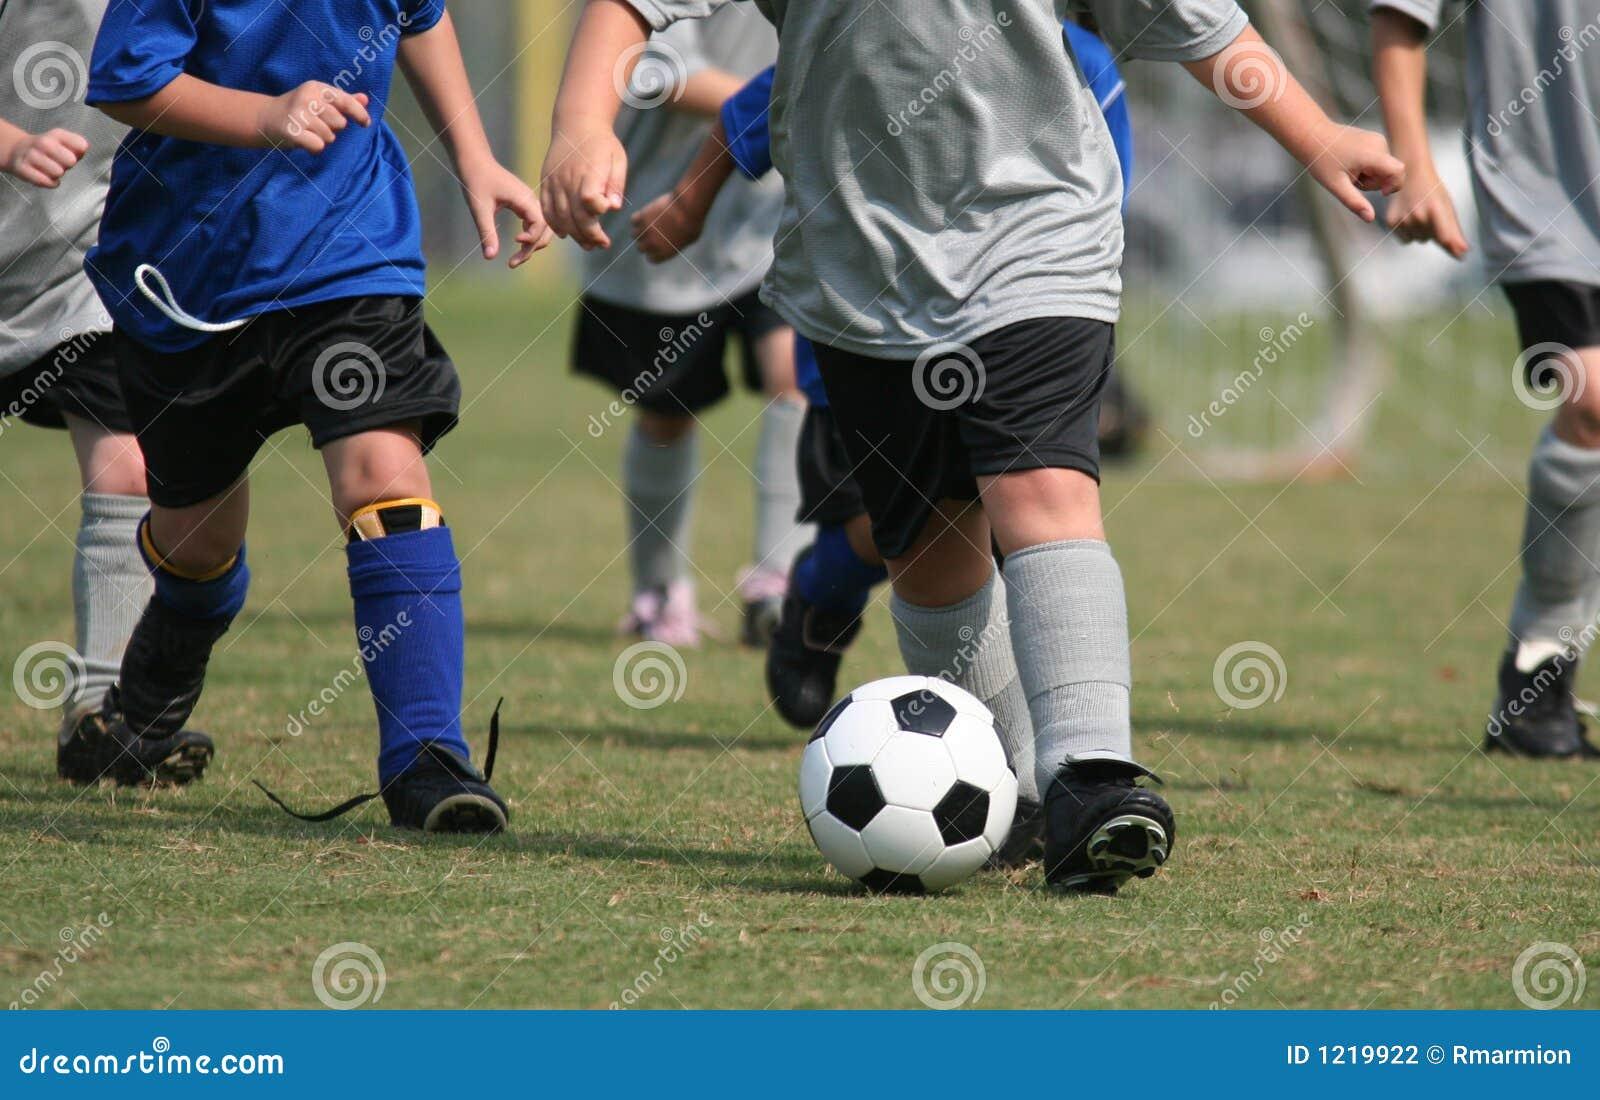 演奏足球年轻人的孩子